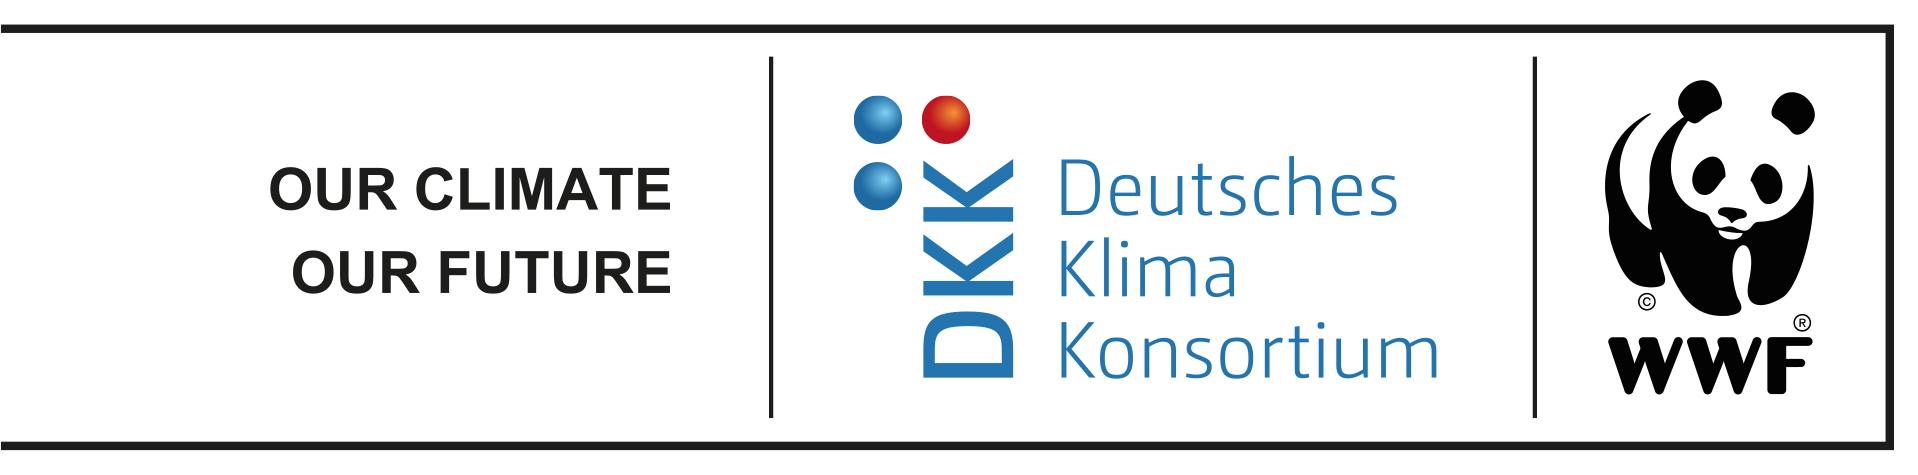 DKK Deutsches Klima-Konsortium